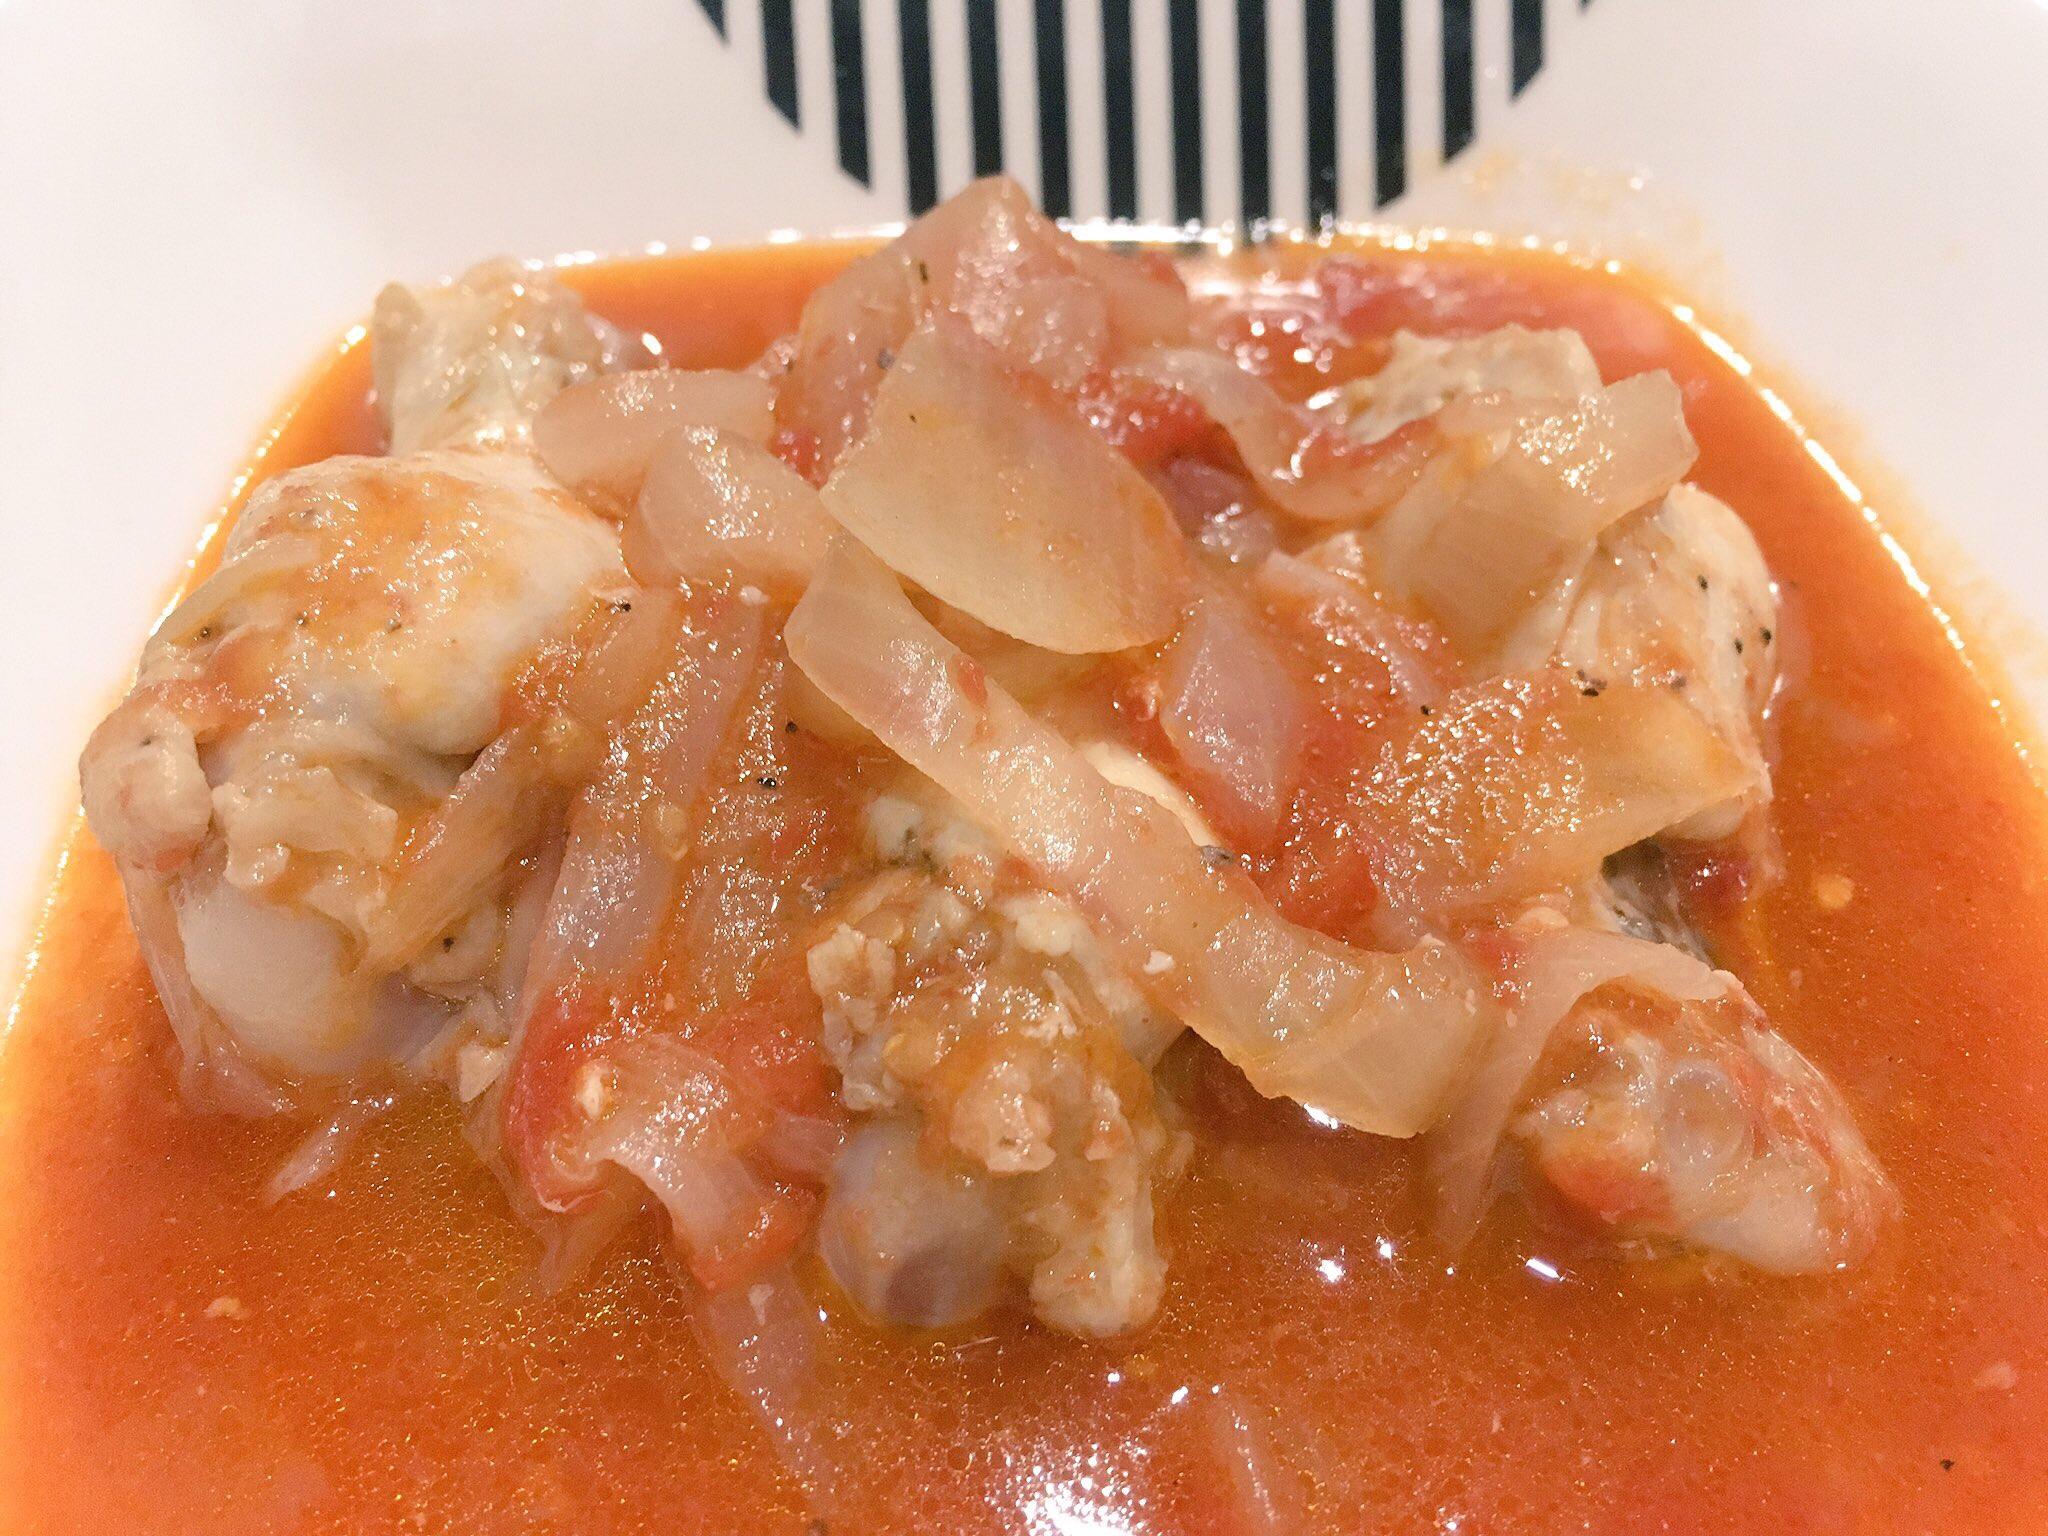 ホットクックでほろほろチキンのトマト煮込みアイキャッチ画像